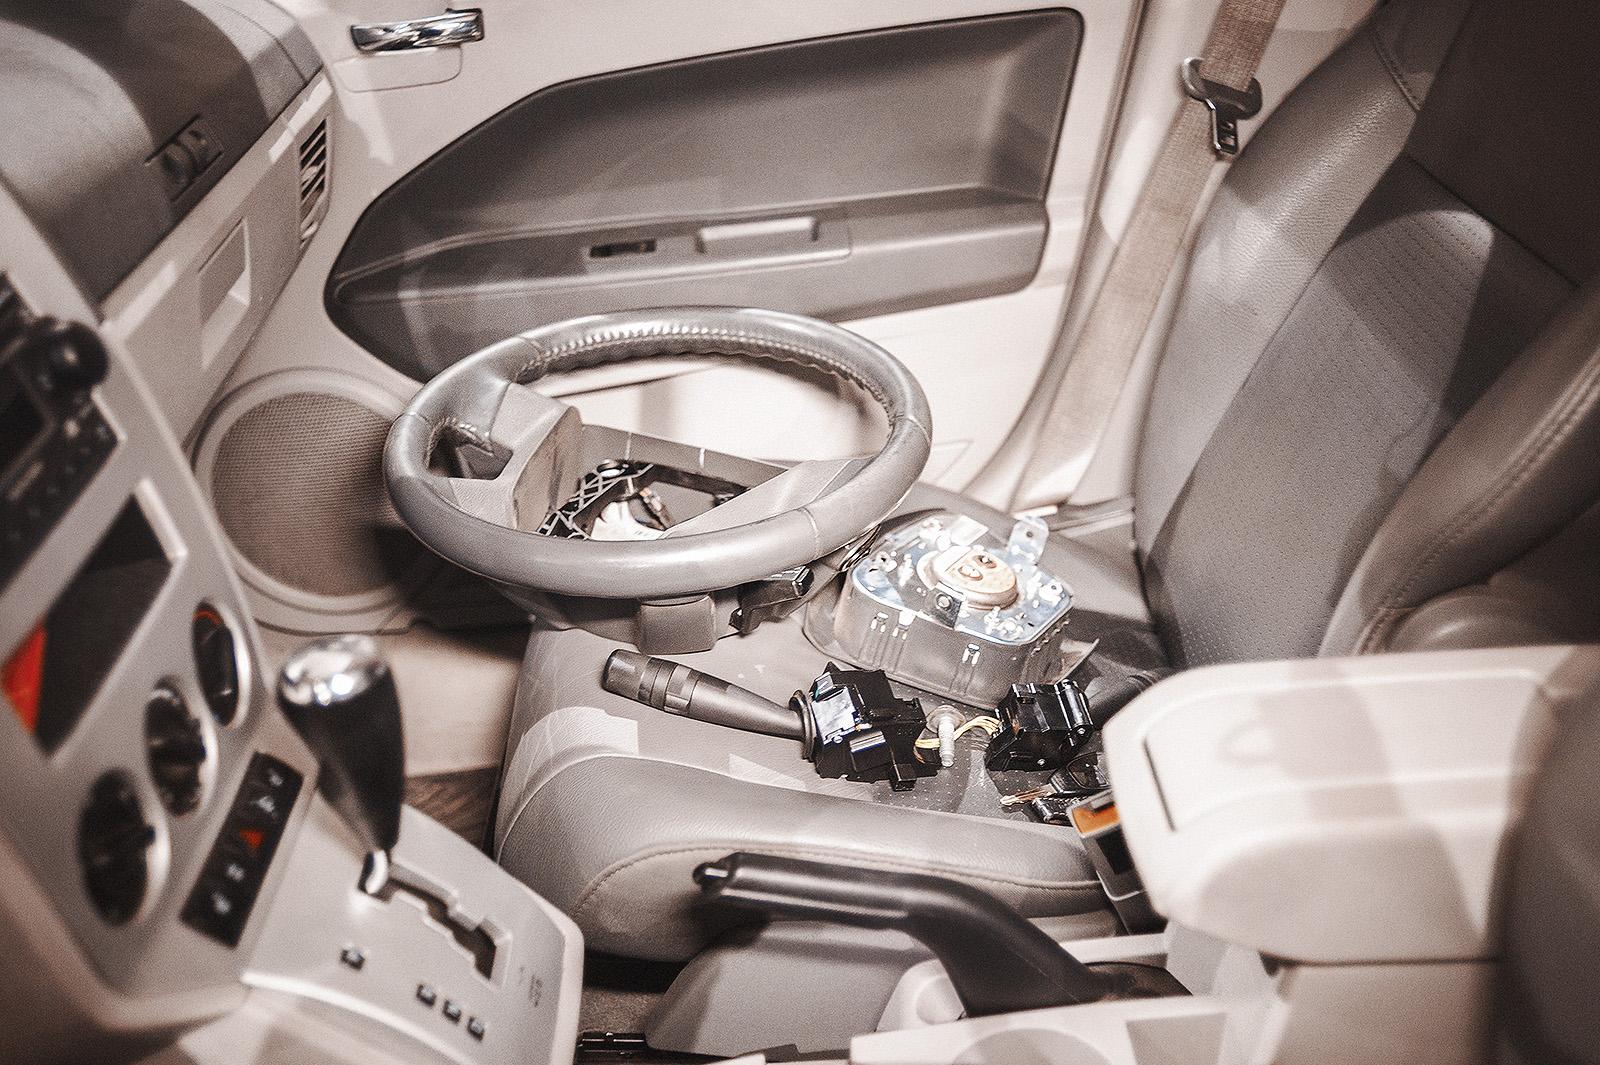 Демонтированнные рулевое колесо, подрулевые переключатели и подушка безопасности